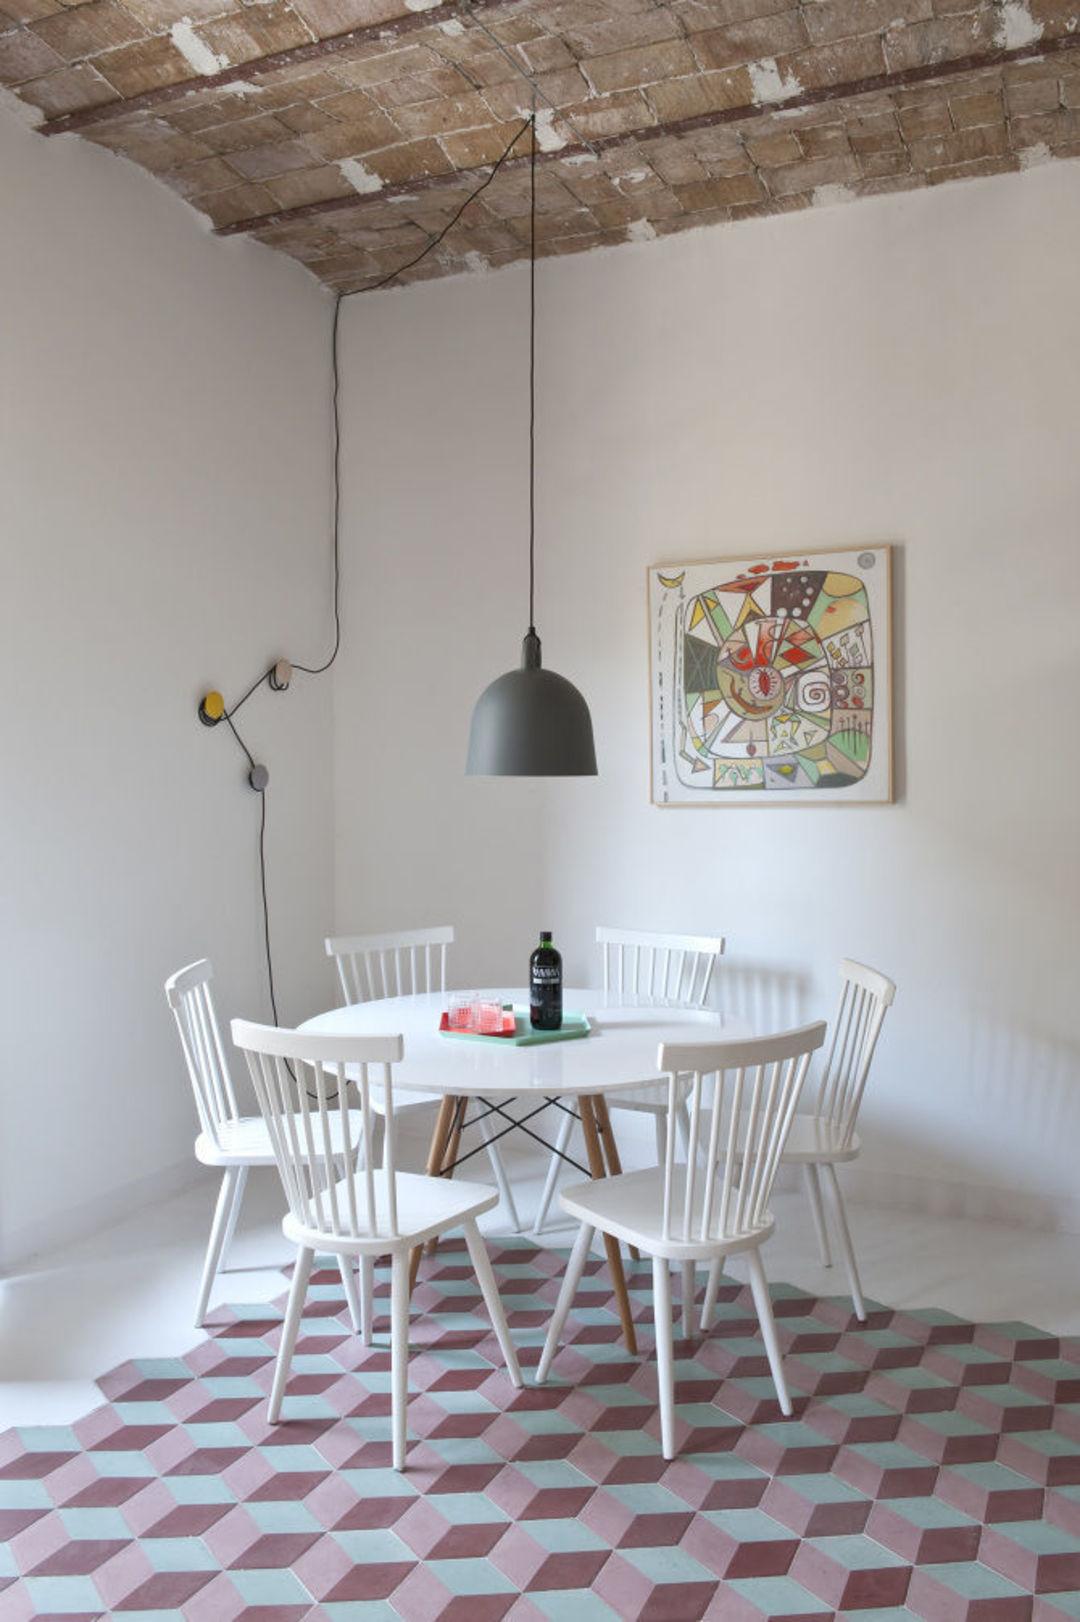 加一些色彩和曲线,老公寓也让度假的你有好心情_设计_好奇心日报